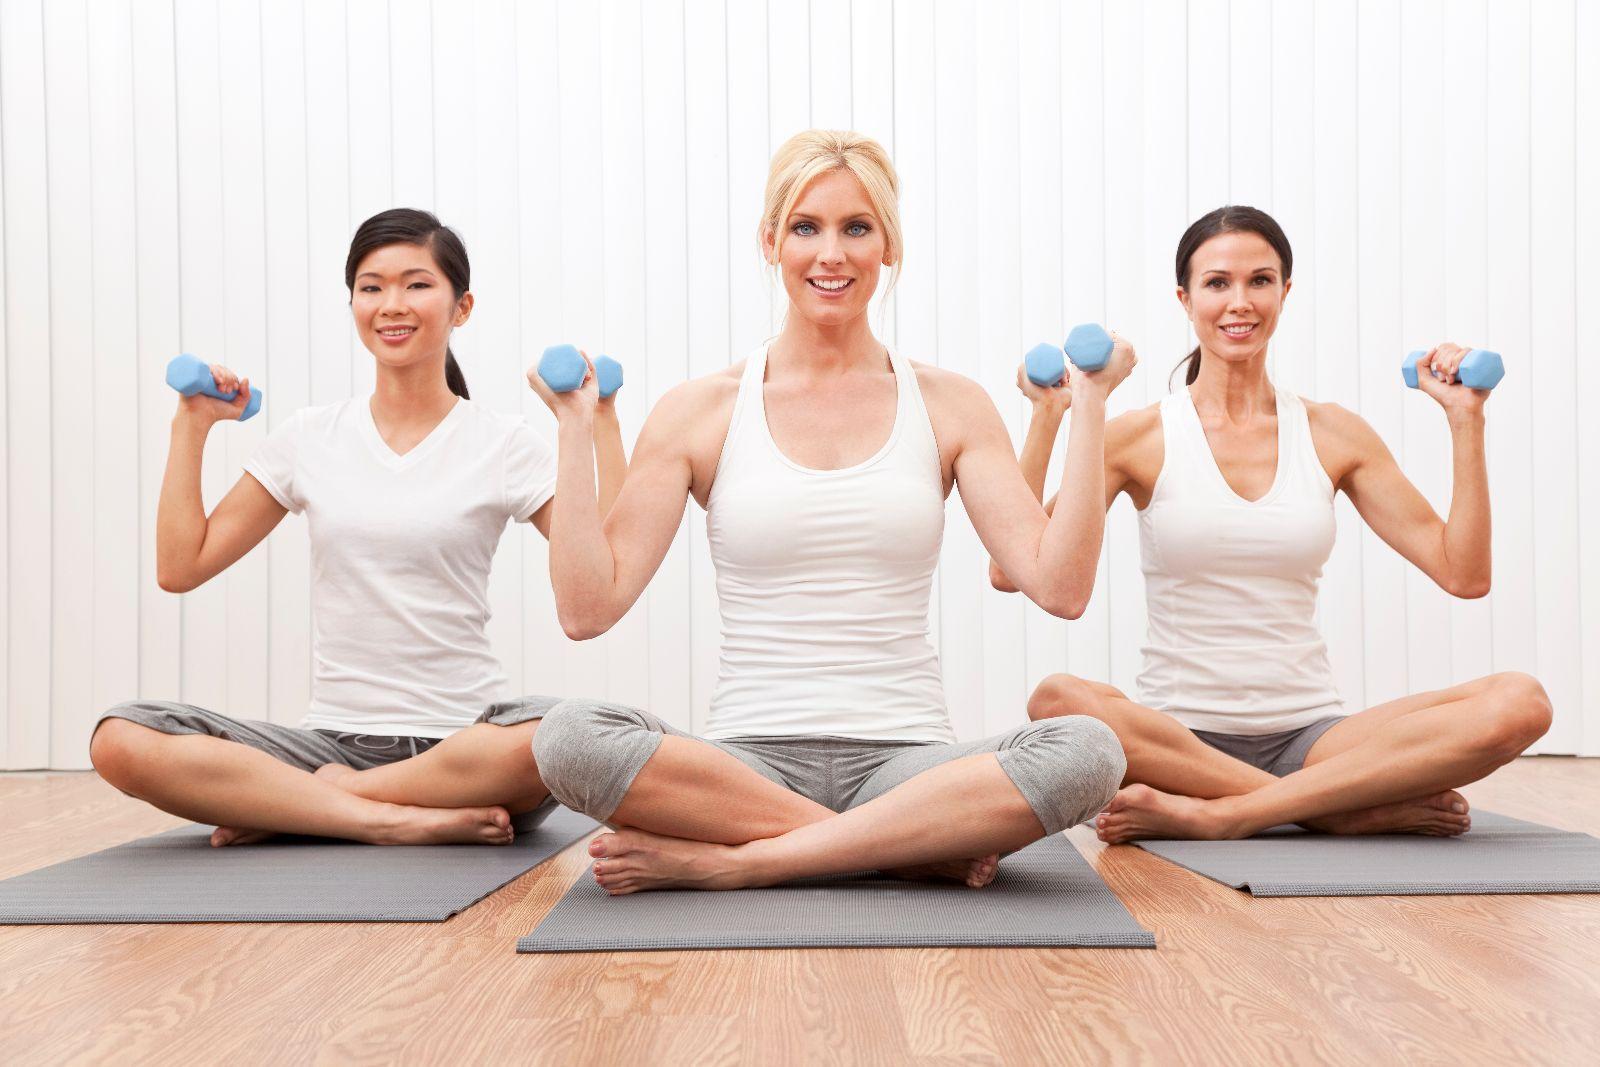 Mujeres con pesas en posición de loto